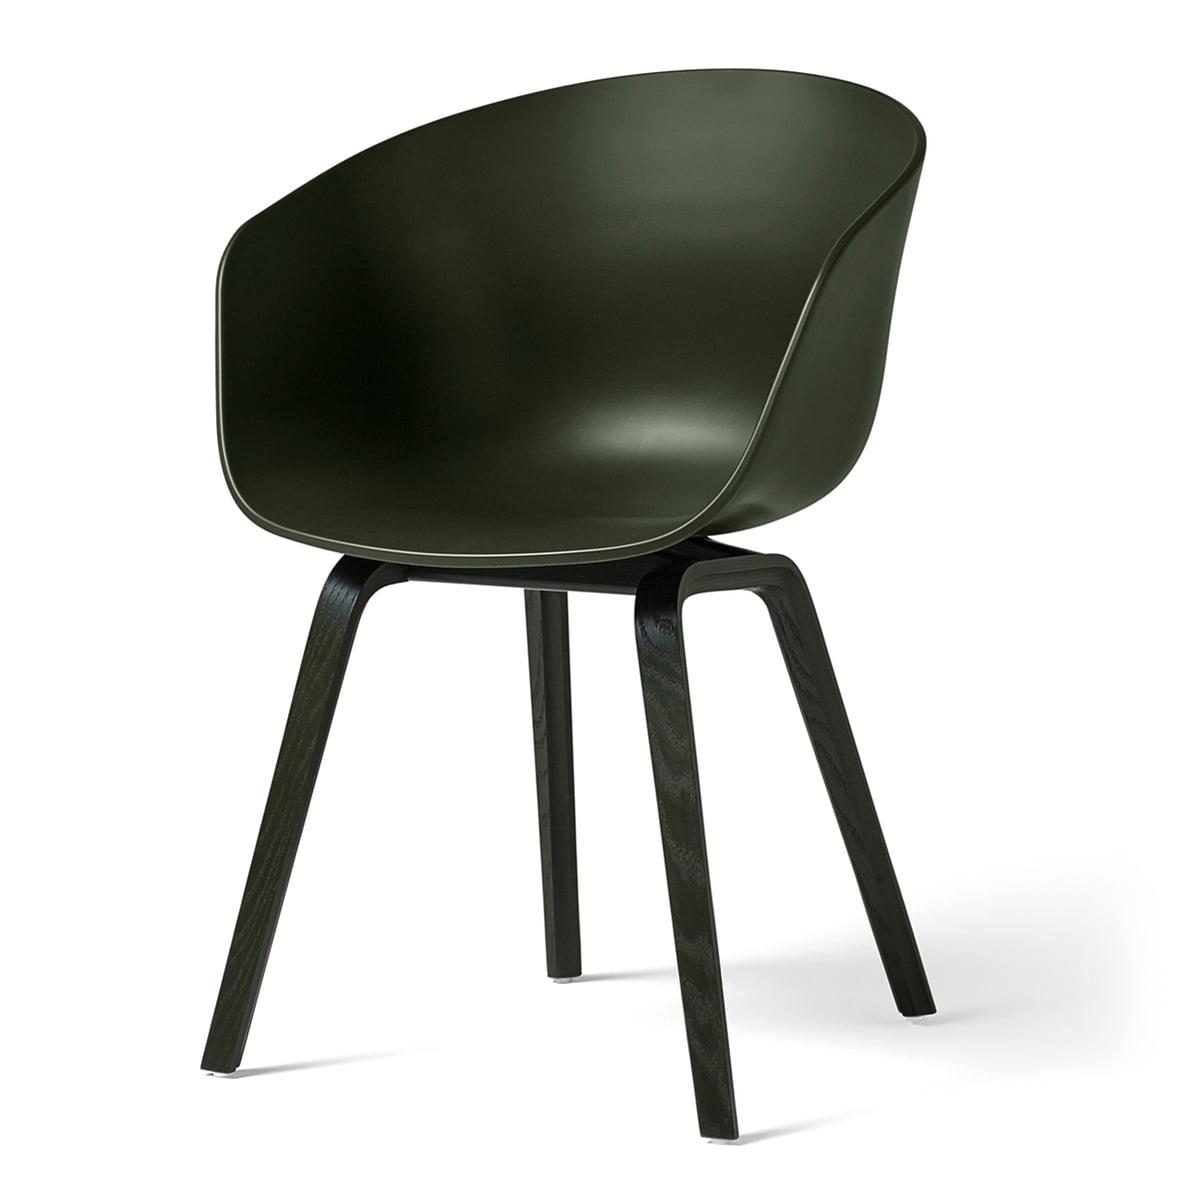 22Holz About Vierbeingestellschwarz Chair A AAC Hay schwarzFilzgleiter eWQroCBEdx